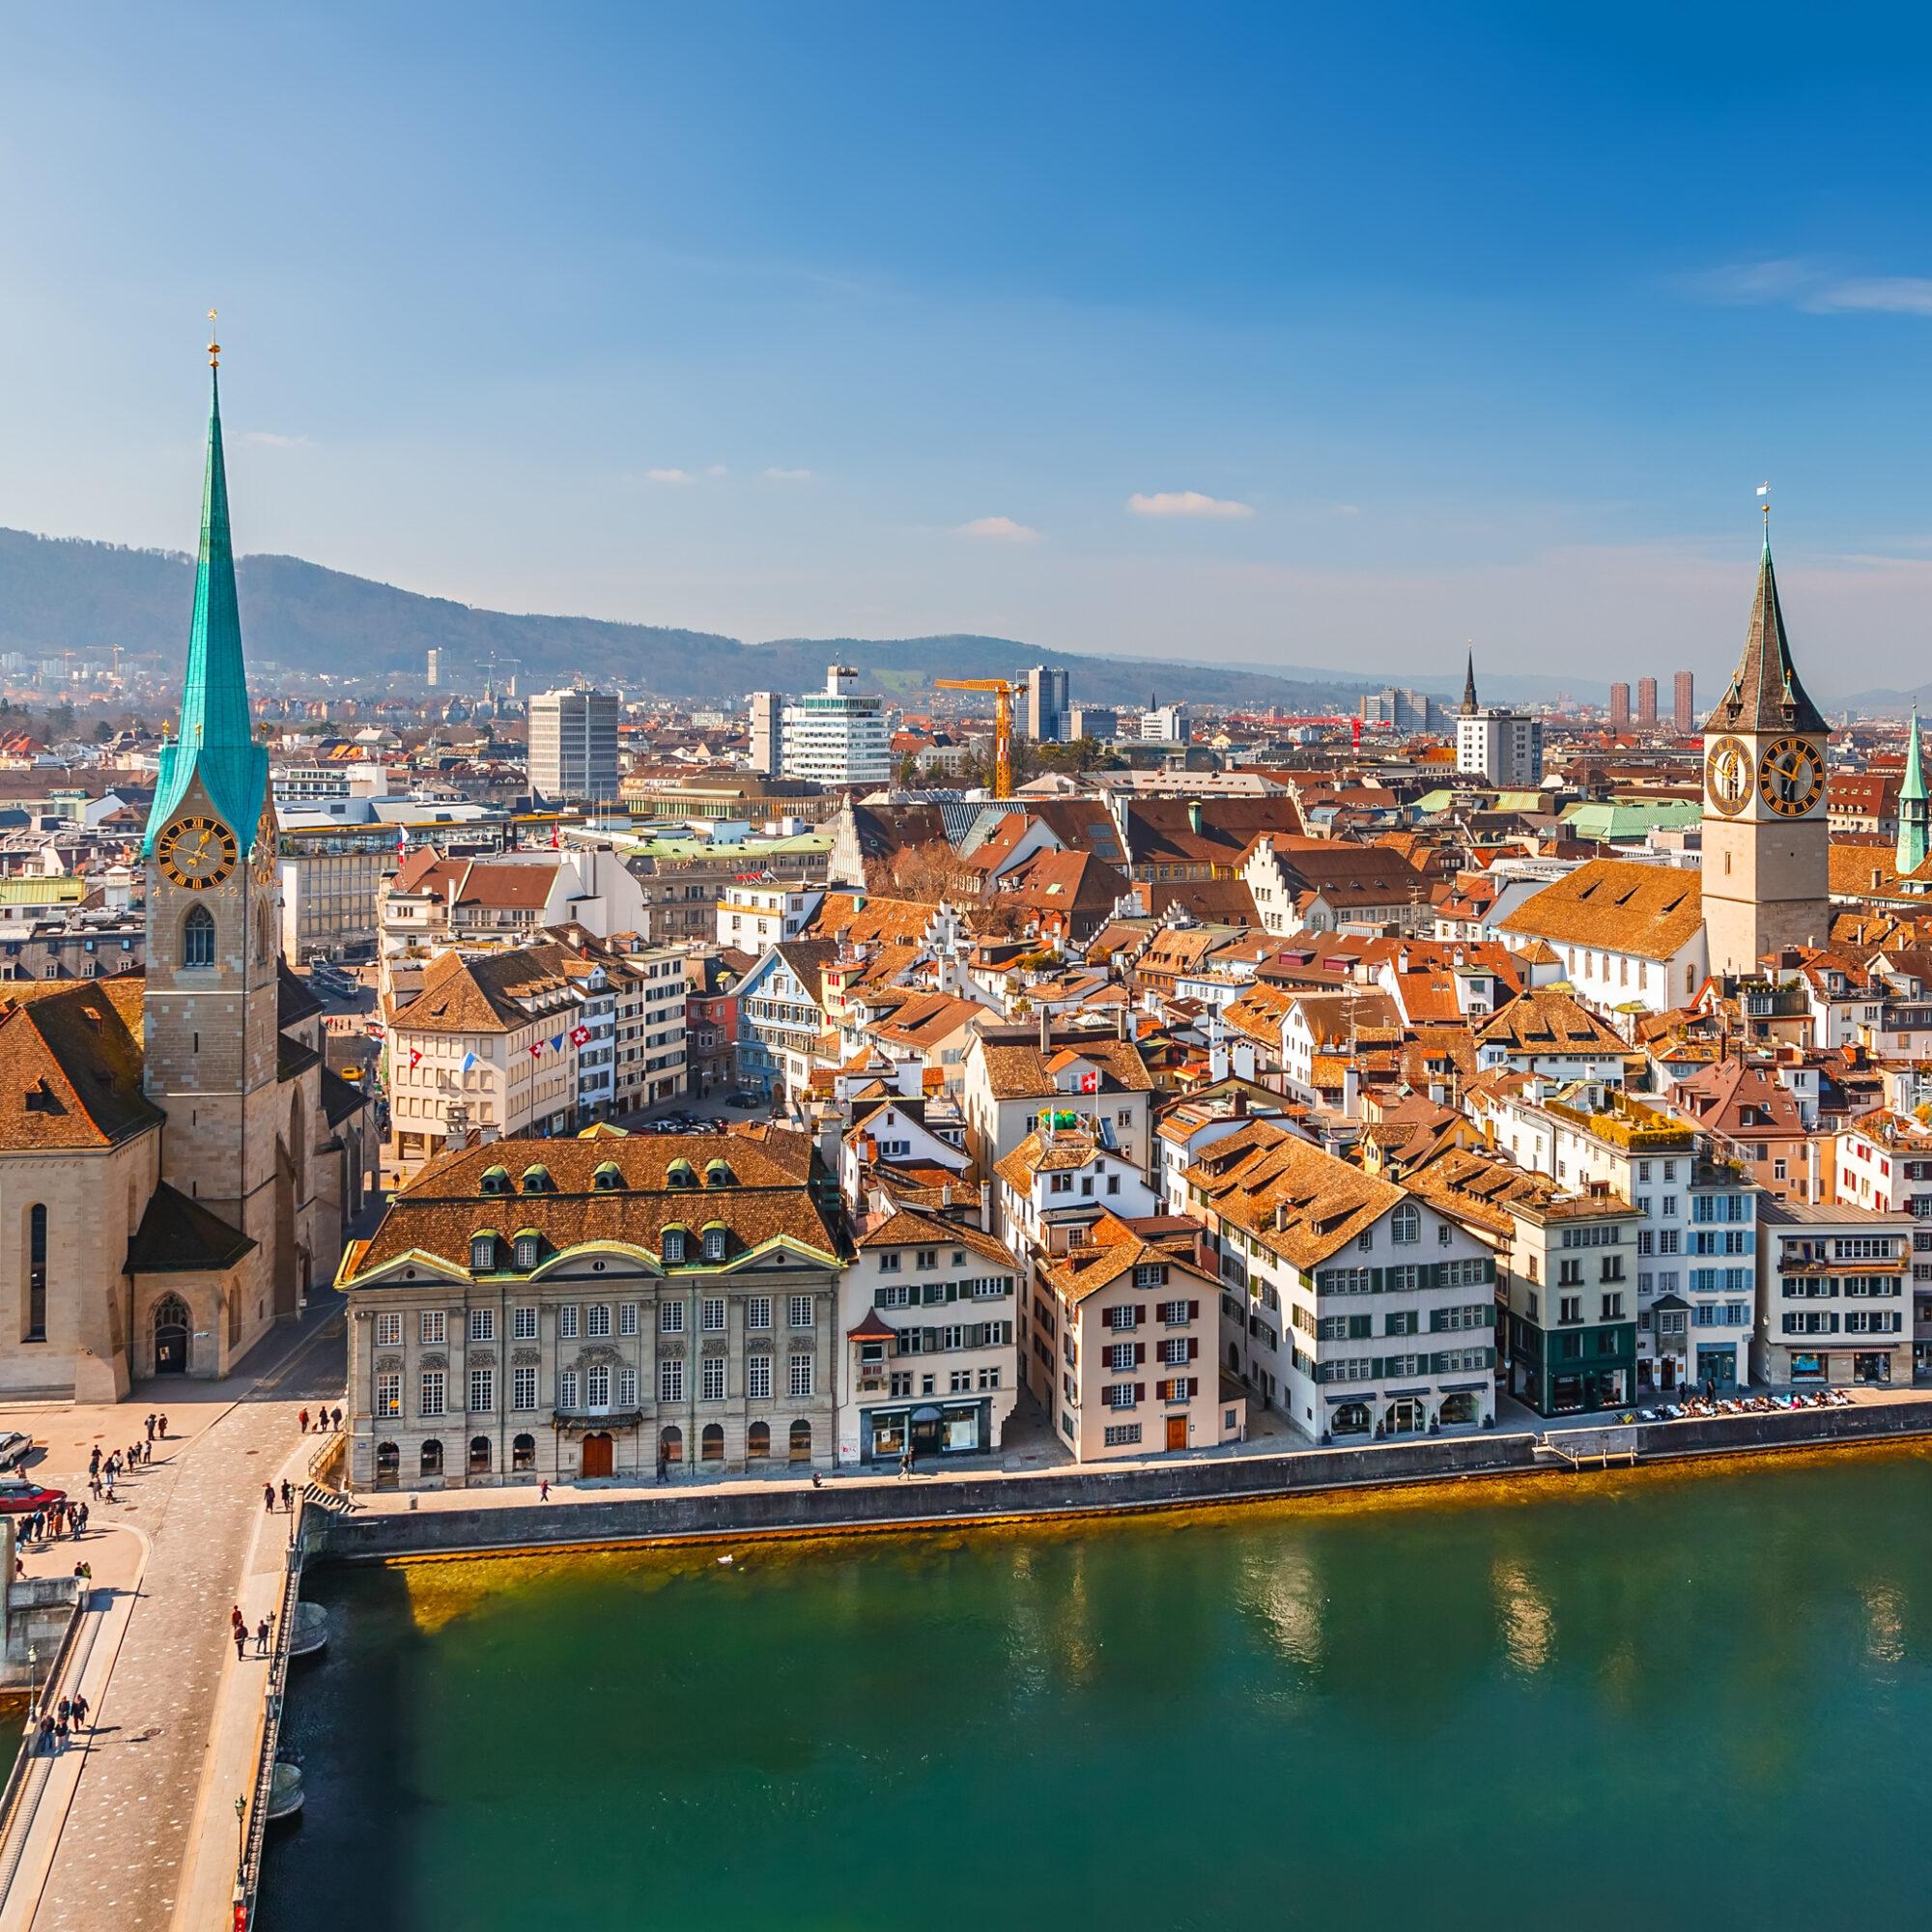 The skyline of beautiful Zurich, Switzerland.